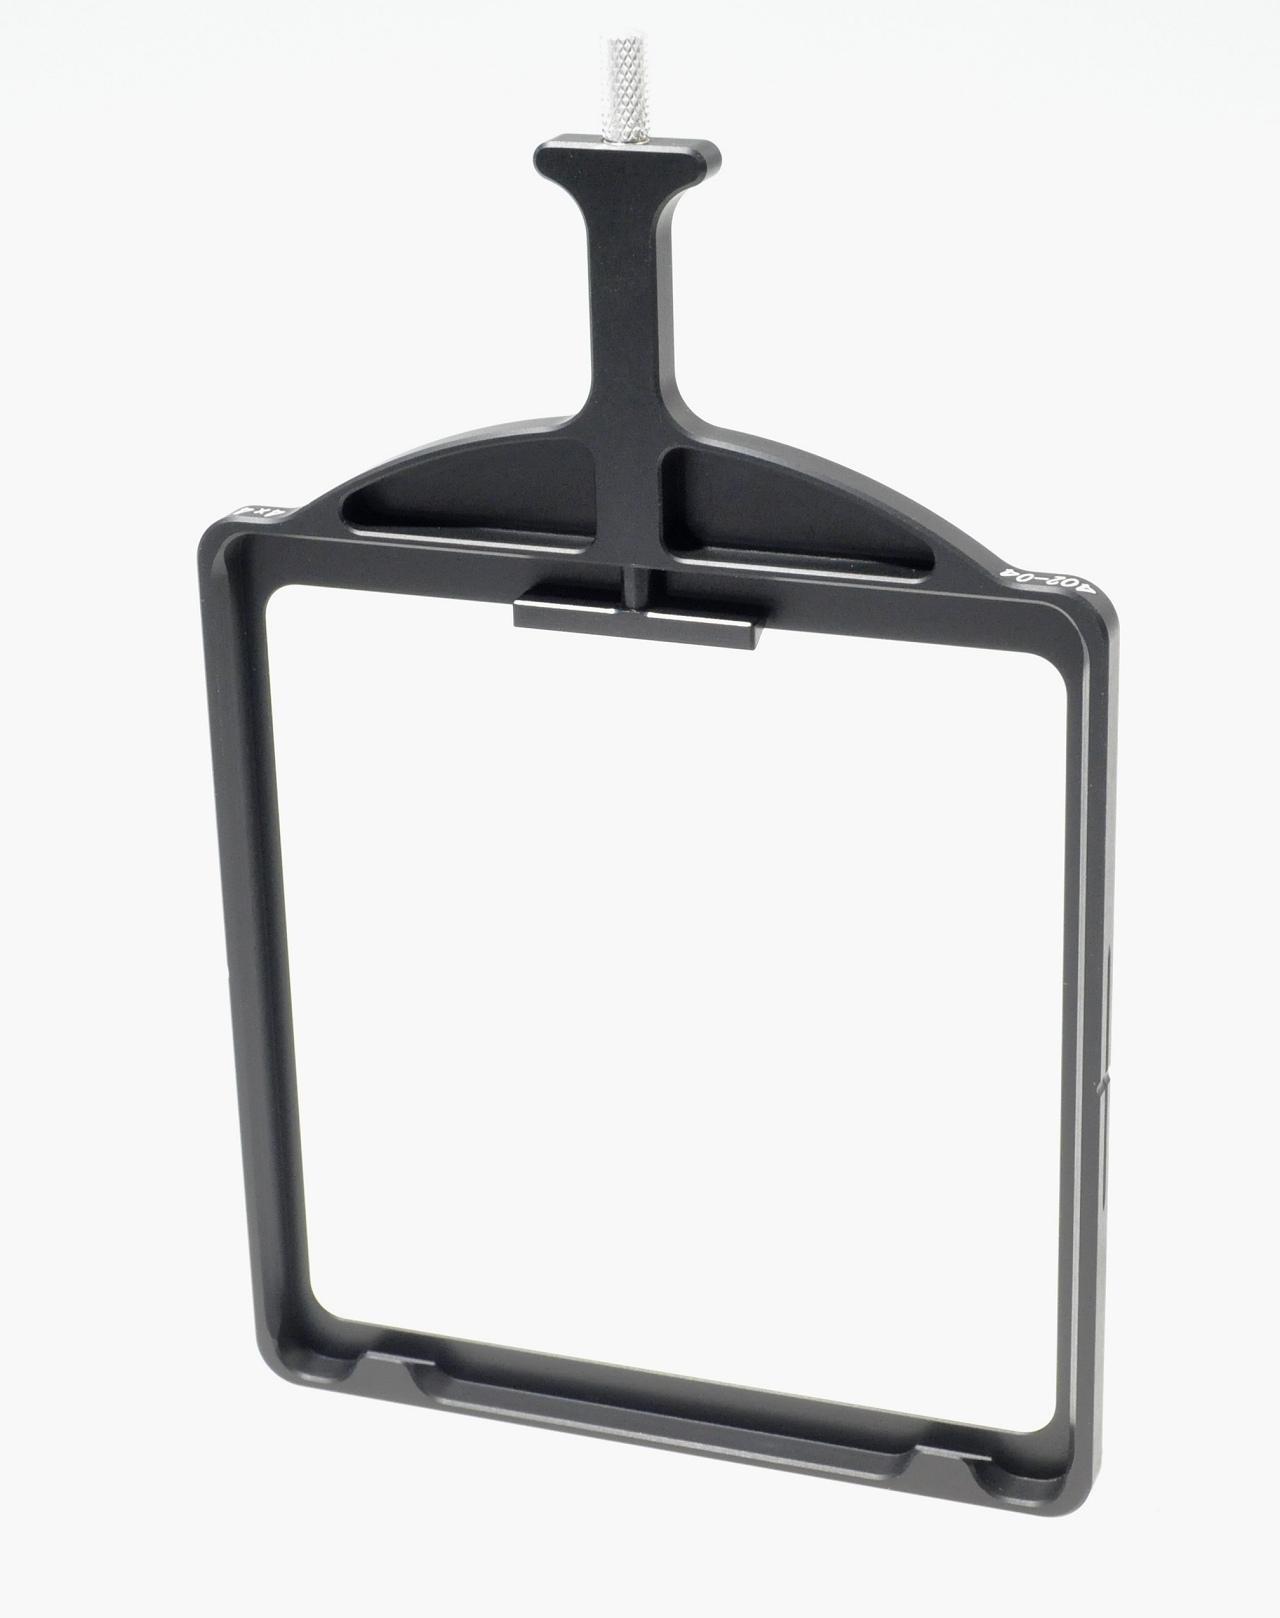 Filterhalter 4x4 (110mm breit)